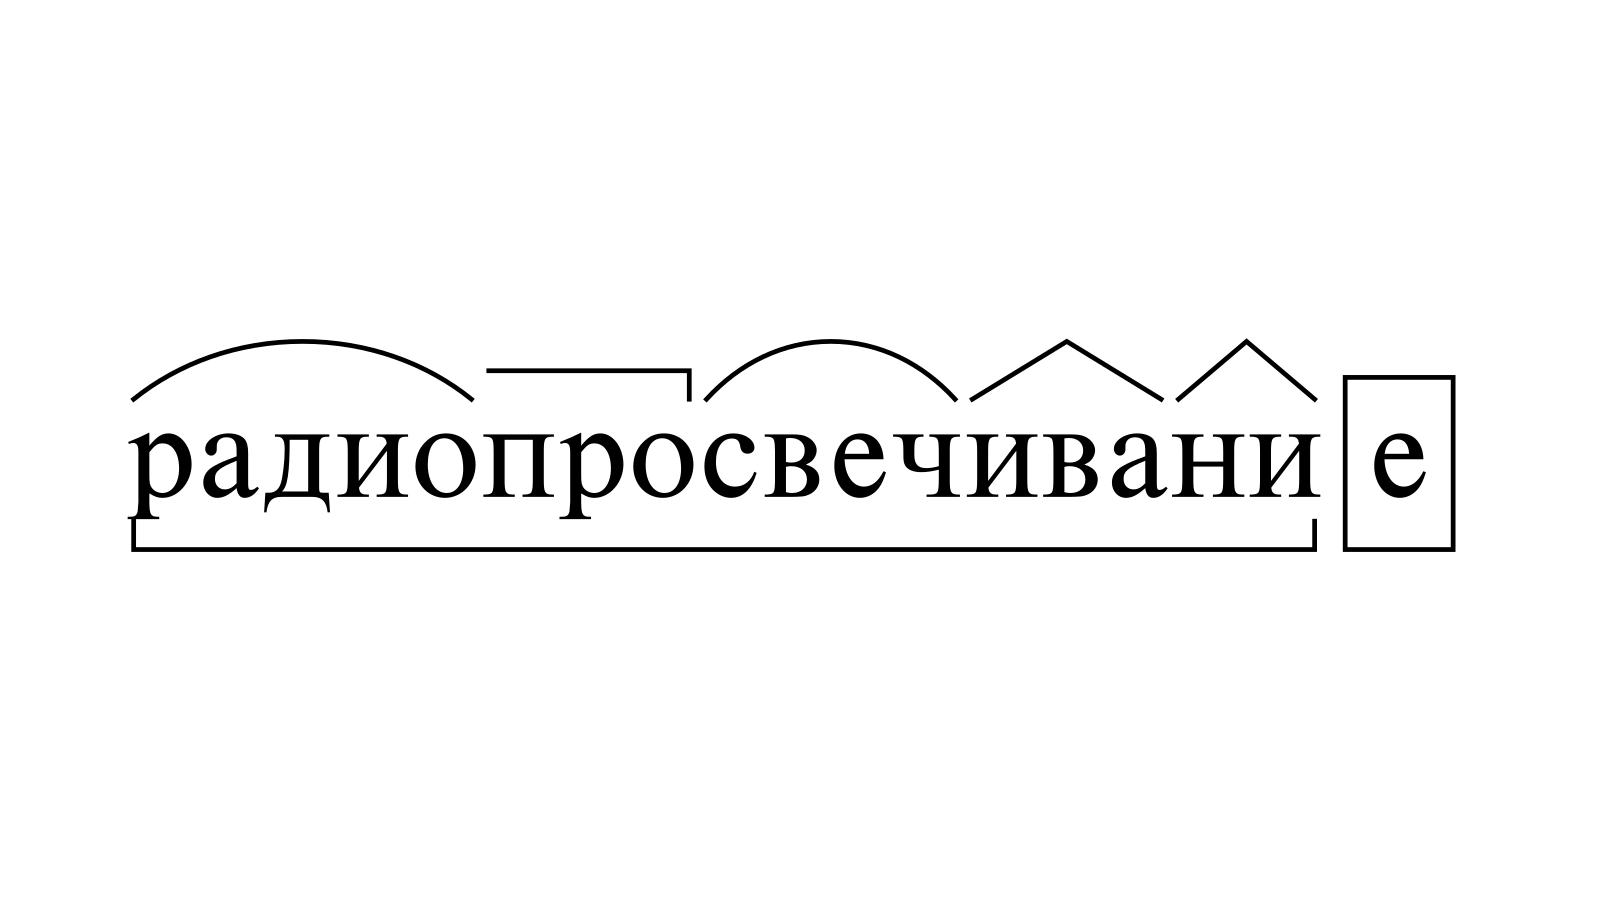 Разбор слова «радиопросвечивание» по составу